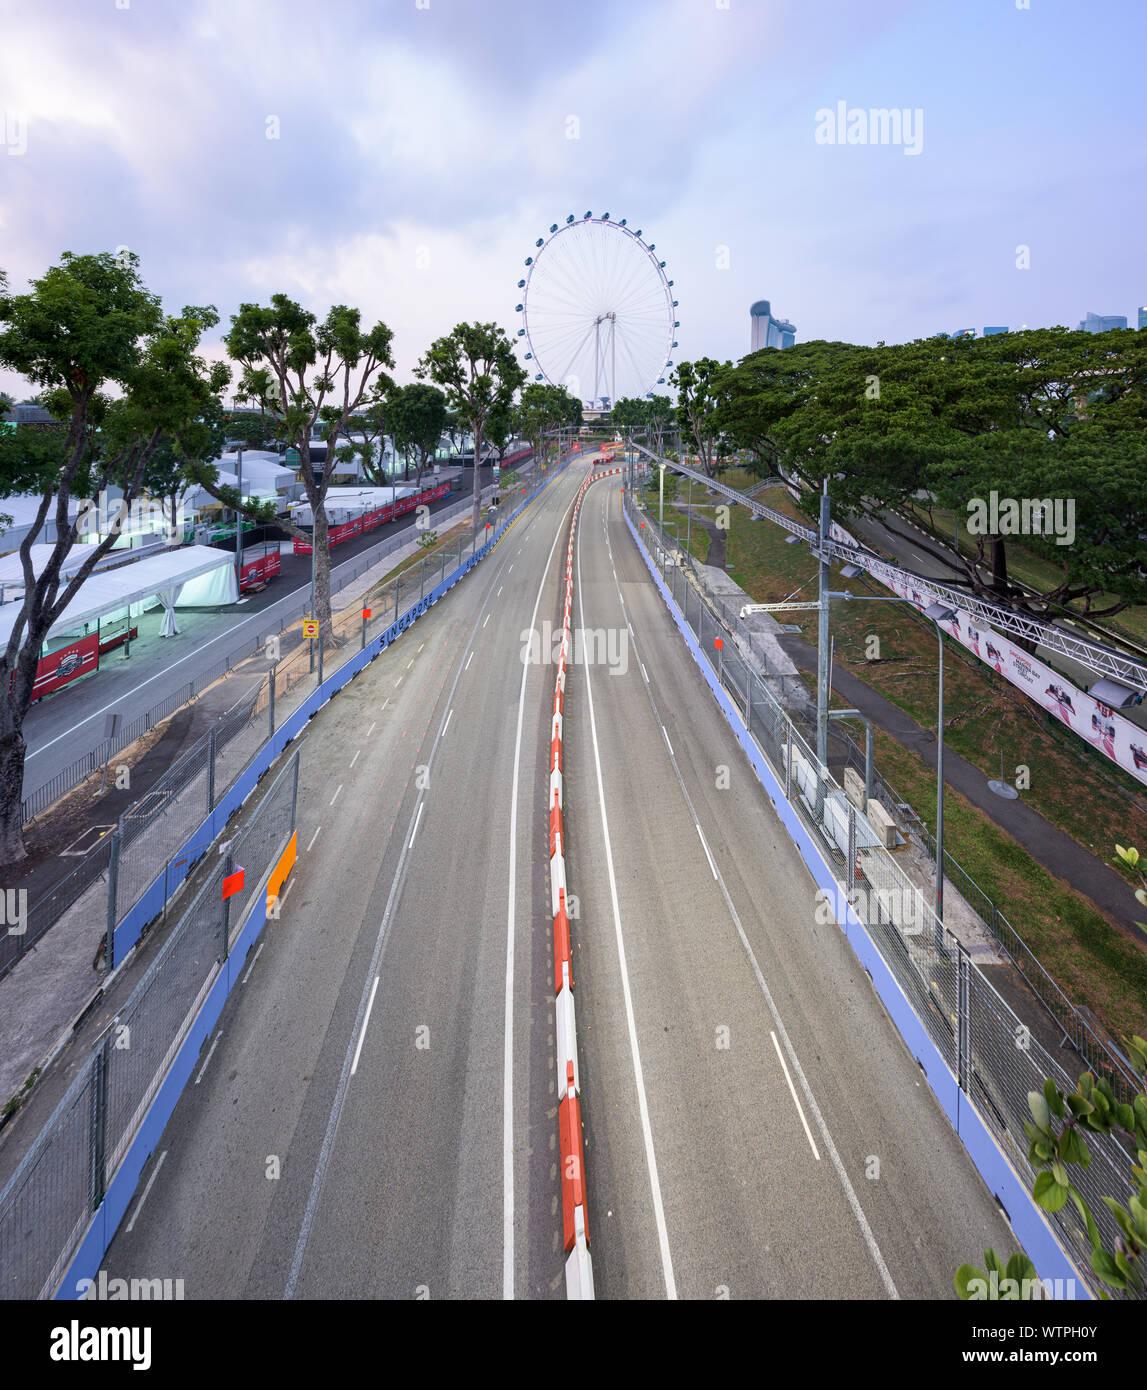 Singapour - 9 Sep 2019: le circuit de Marina Bay Street s'apprête à accueillir la course de nuit de Singapour Grand Prix de Formule 1. La piste est passin Banque D'Images